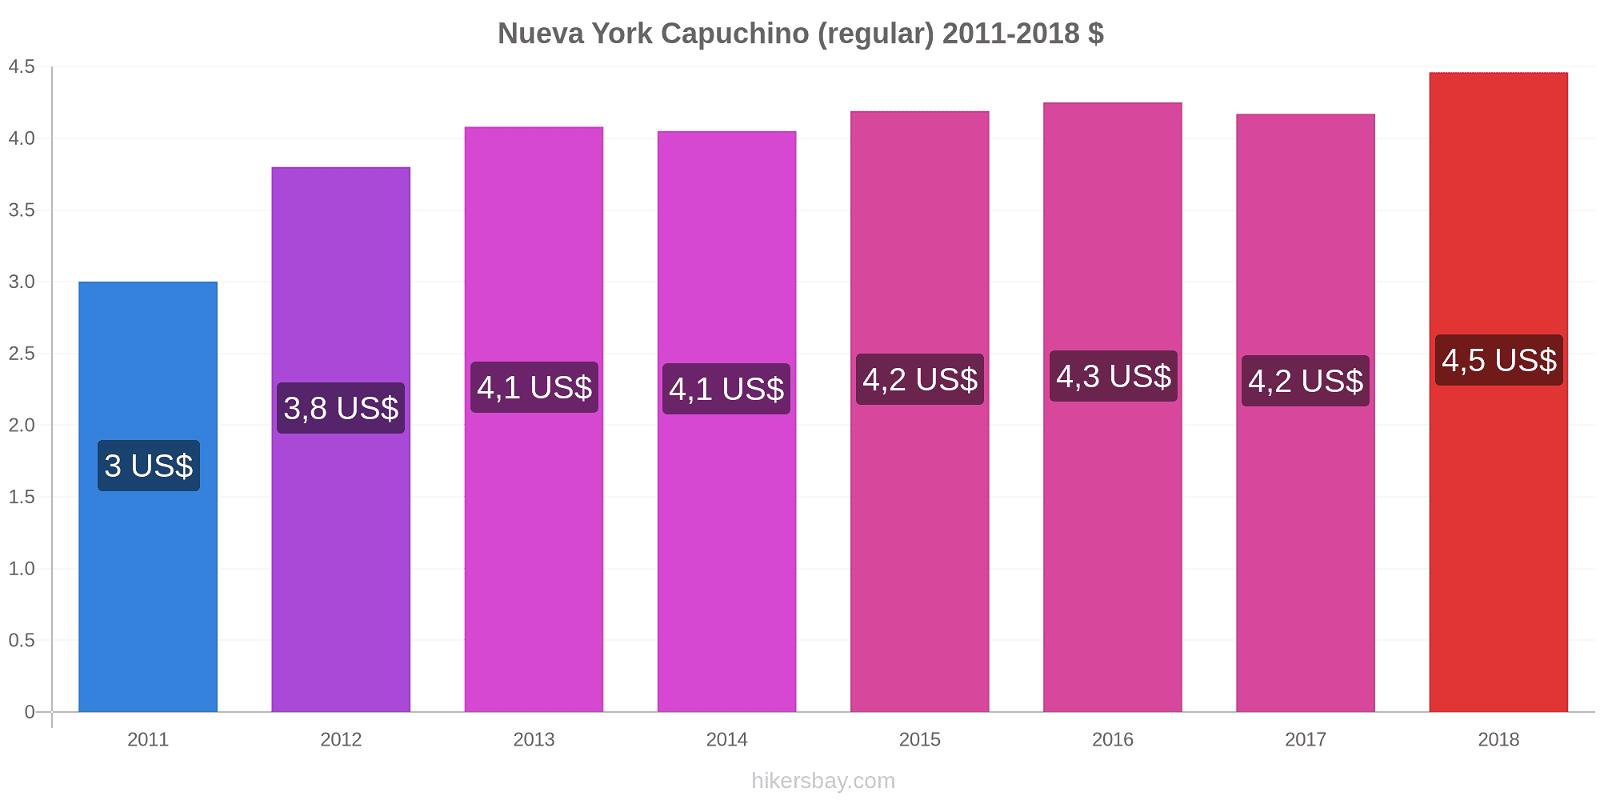 Nueva York cambios de precios Capuchino (regular) hikersbay.com